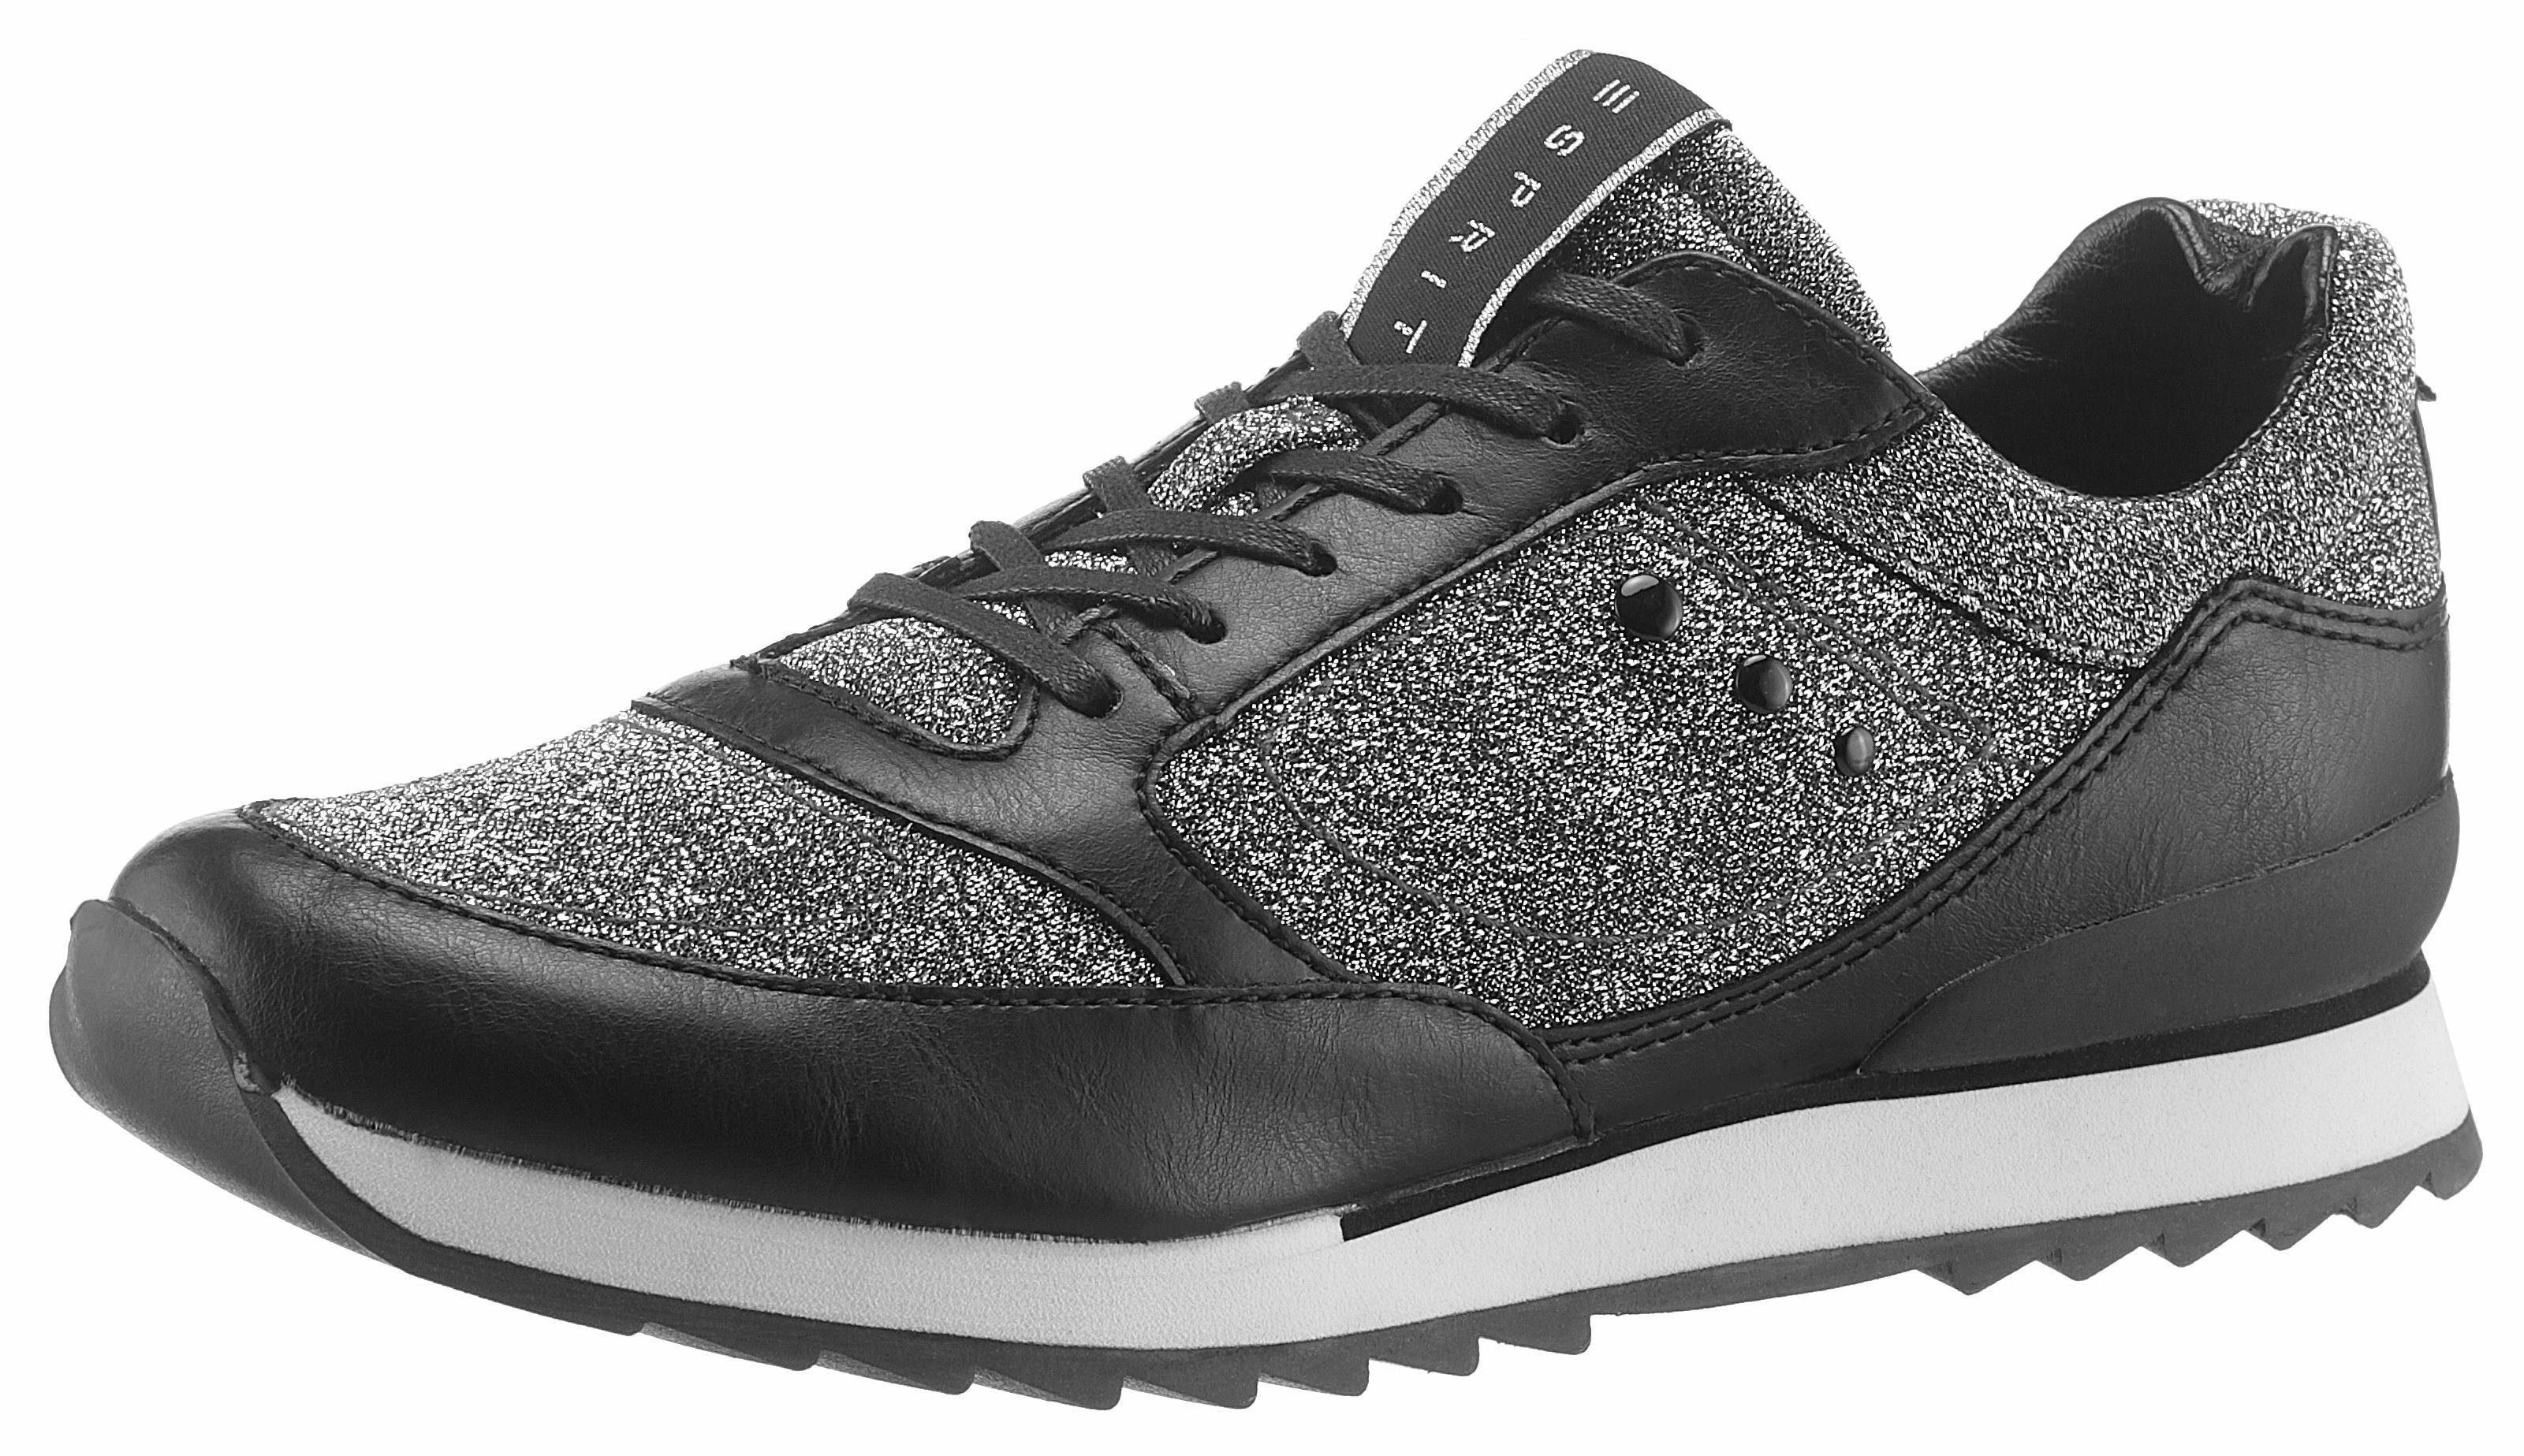 Esprit »Astro Glitt Lu« Sneaker, in glitzernder Optik, schwarz, 39 39